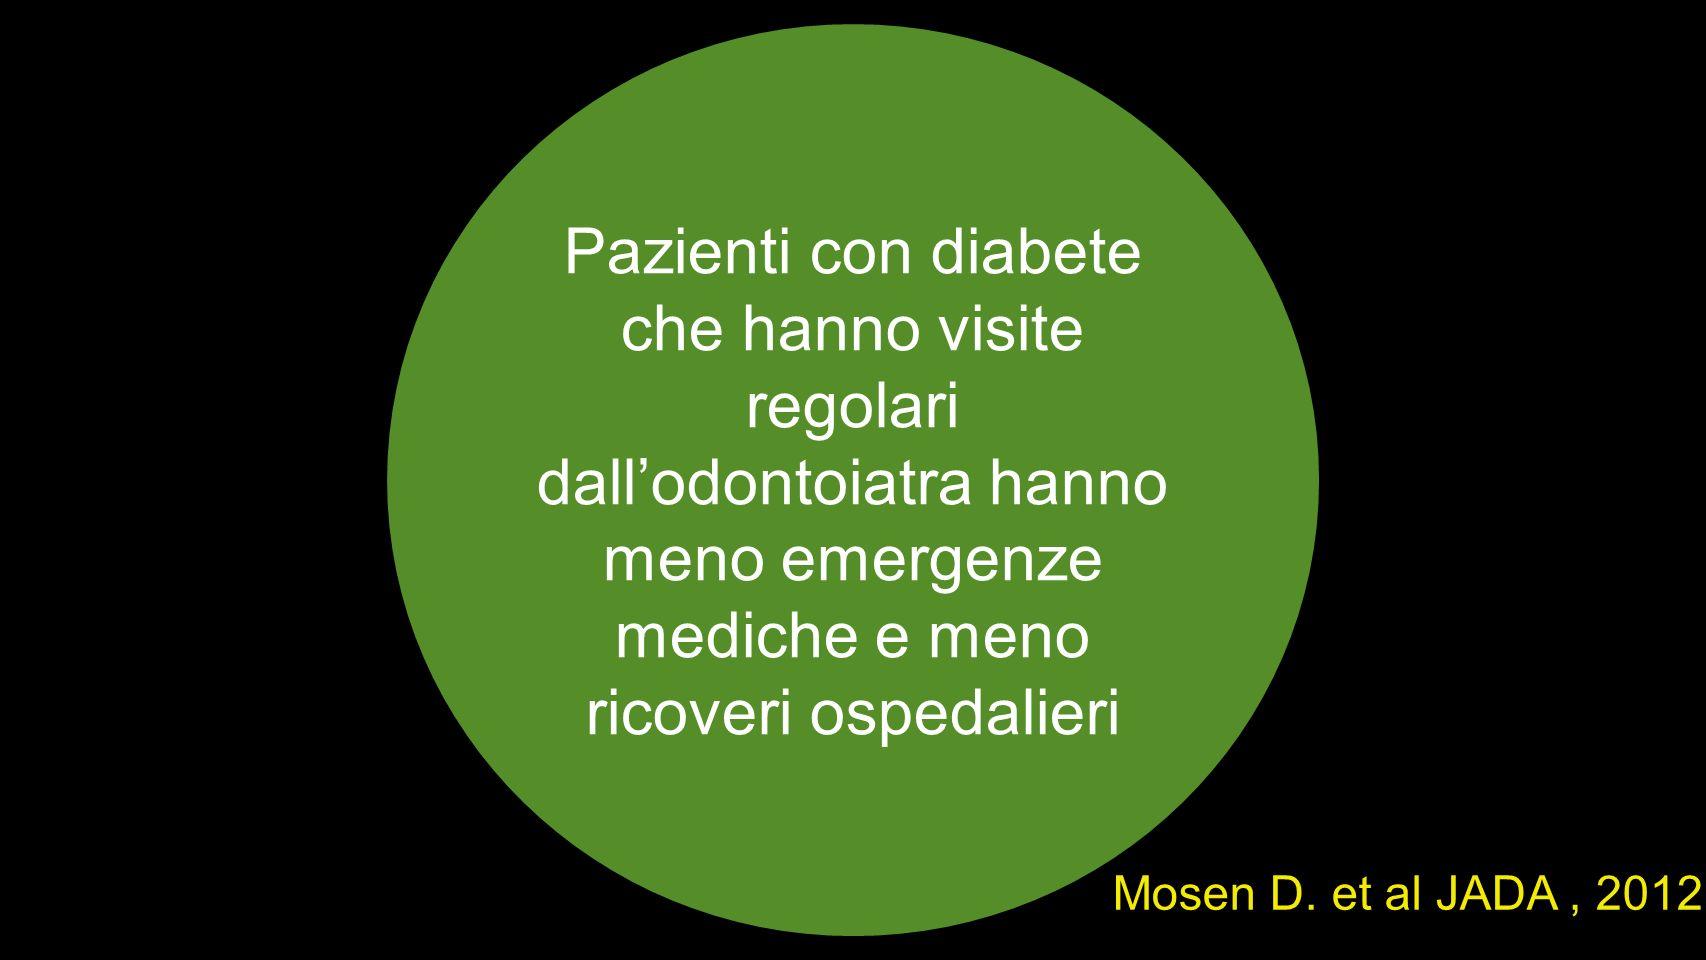 Pazienti con diabete che hanno visite regolari dall'odontoiatra hanno meno emergenze mediche e meno ricoveri ospedalieri